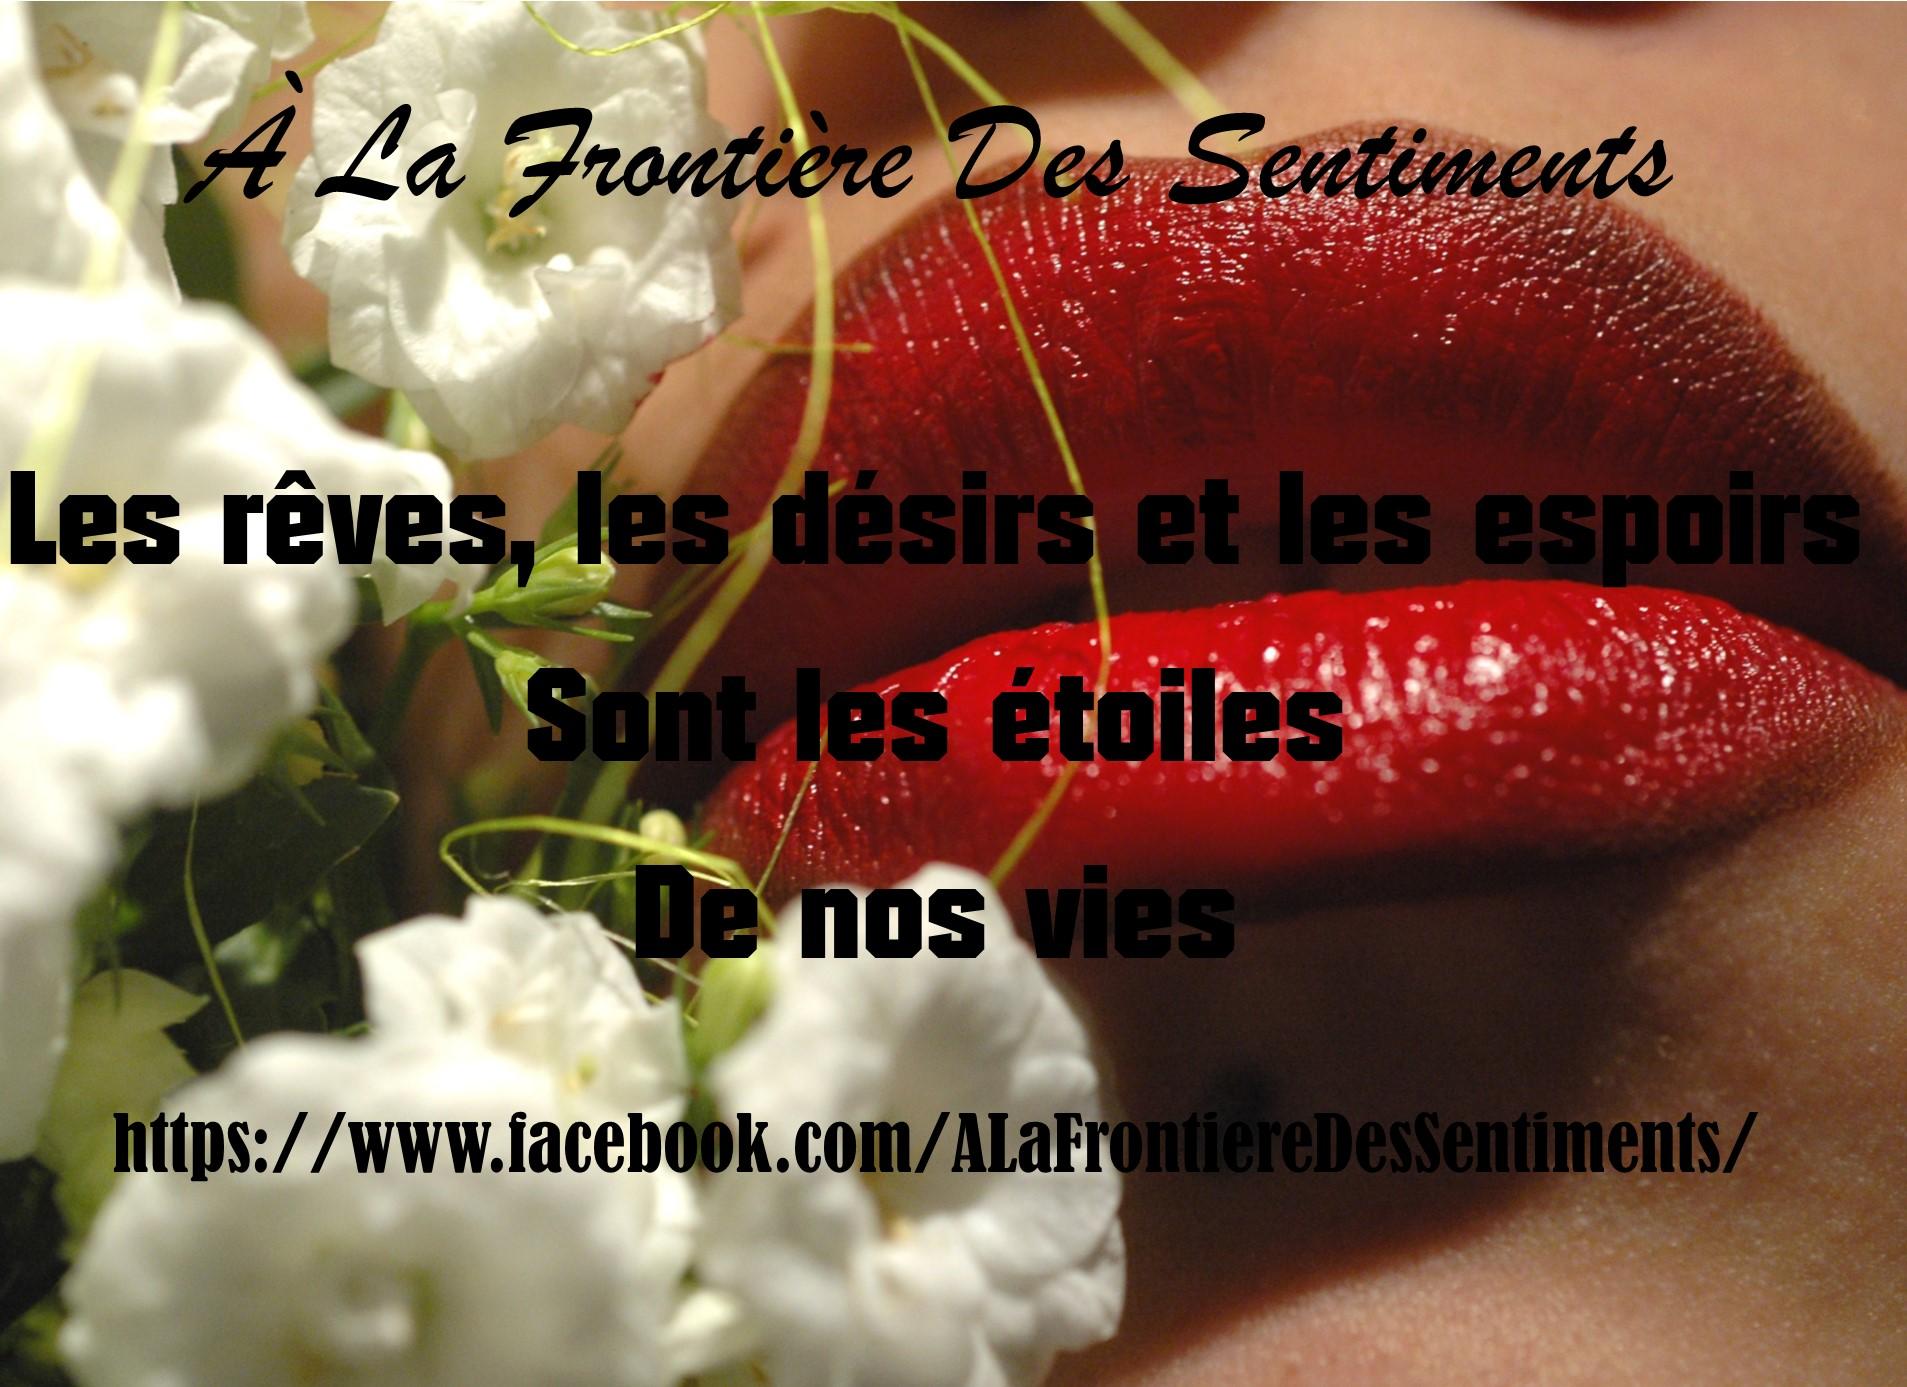 A La Frontière Des Sentiments, Chris Savignan, Amélie Florino et Valentine Fiona Vénusa vous souhaitent...